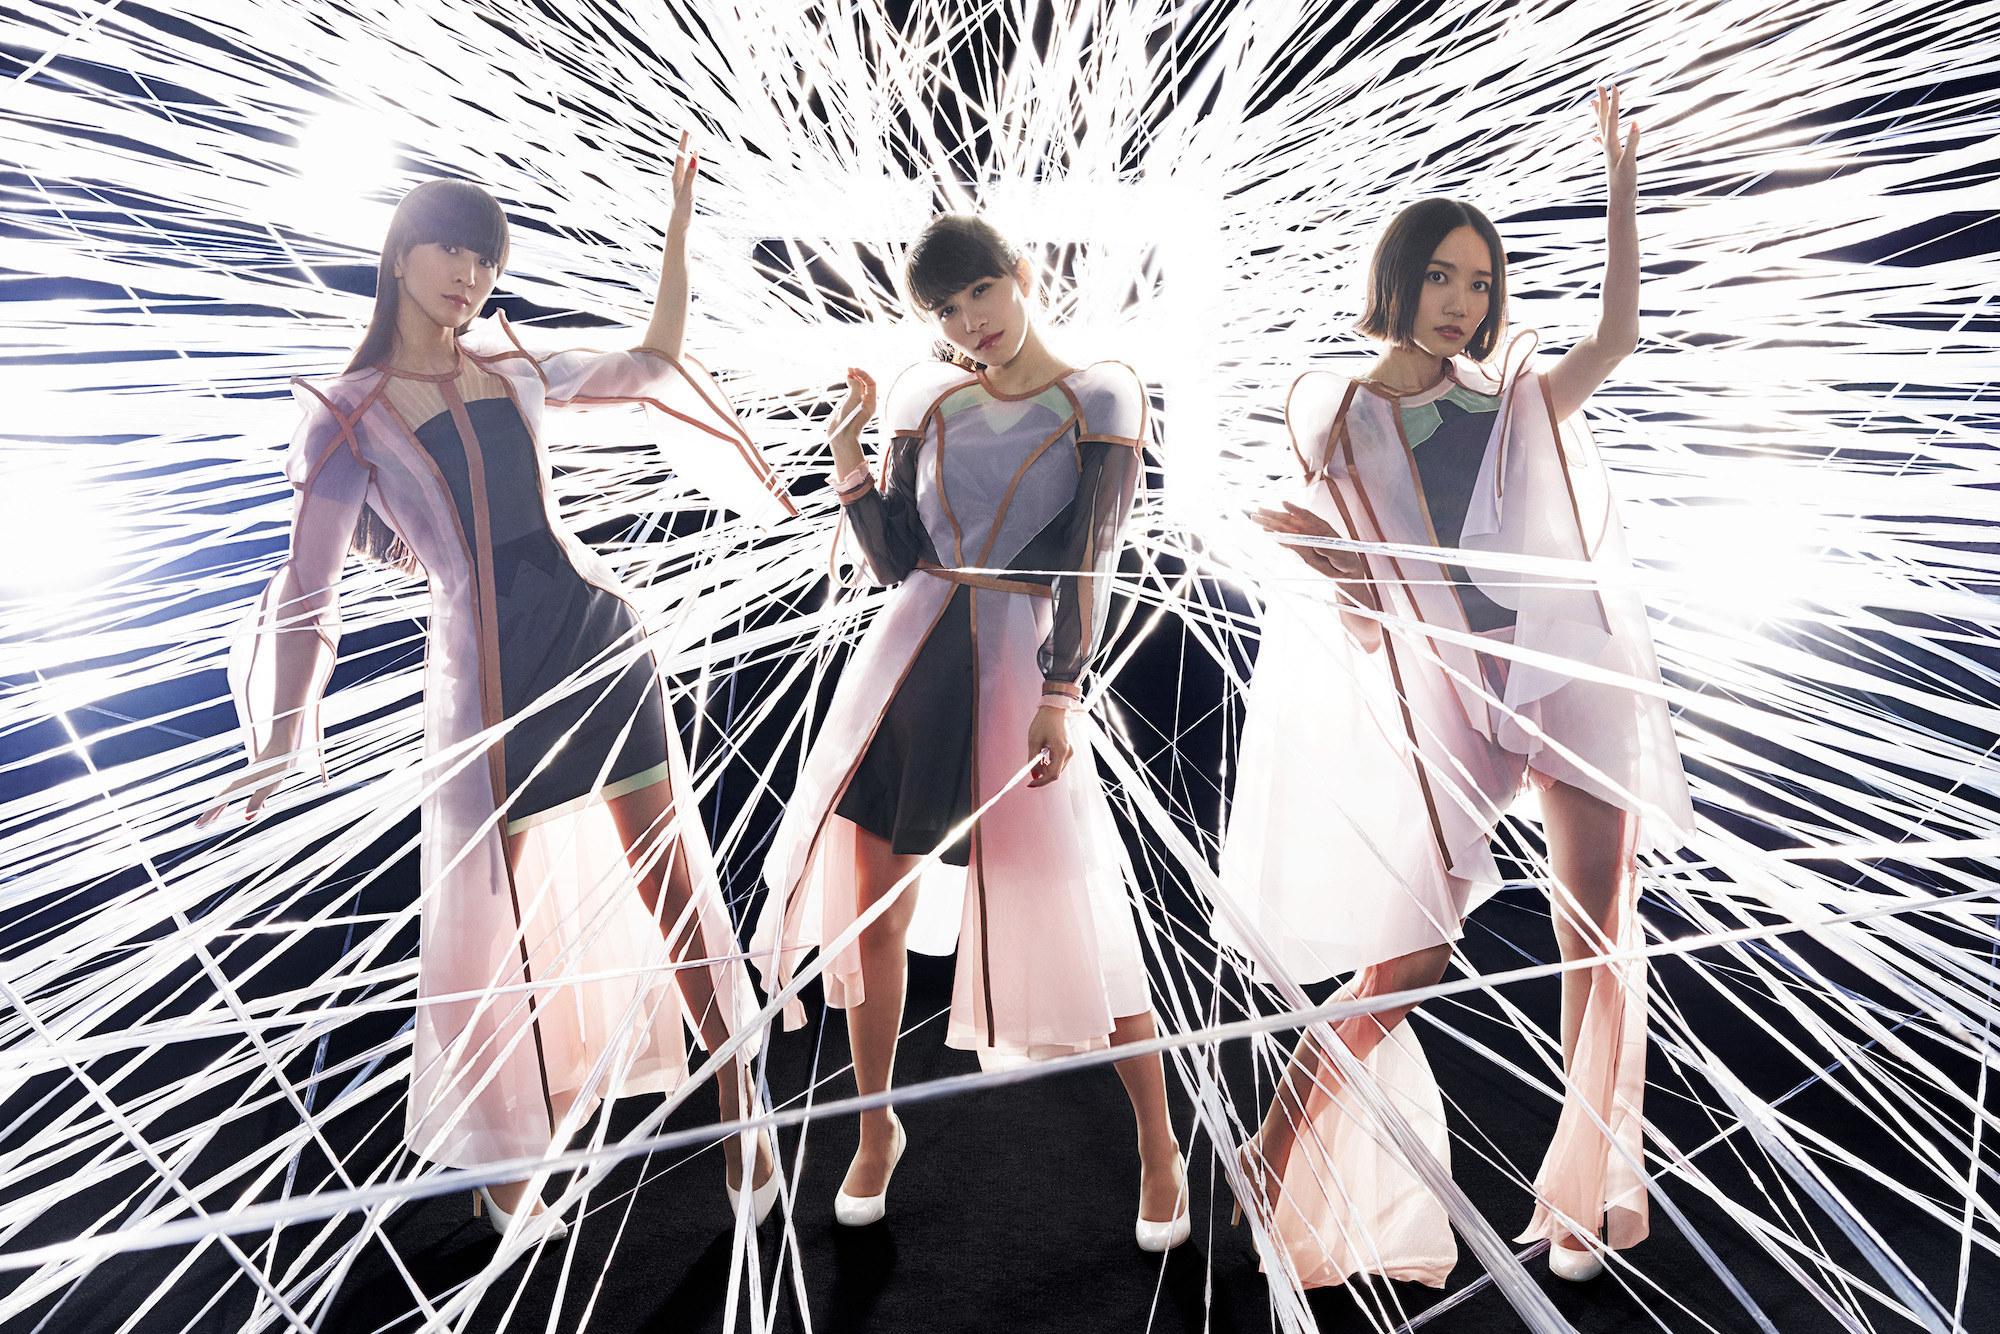 The three members of Perfume